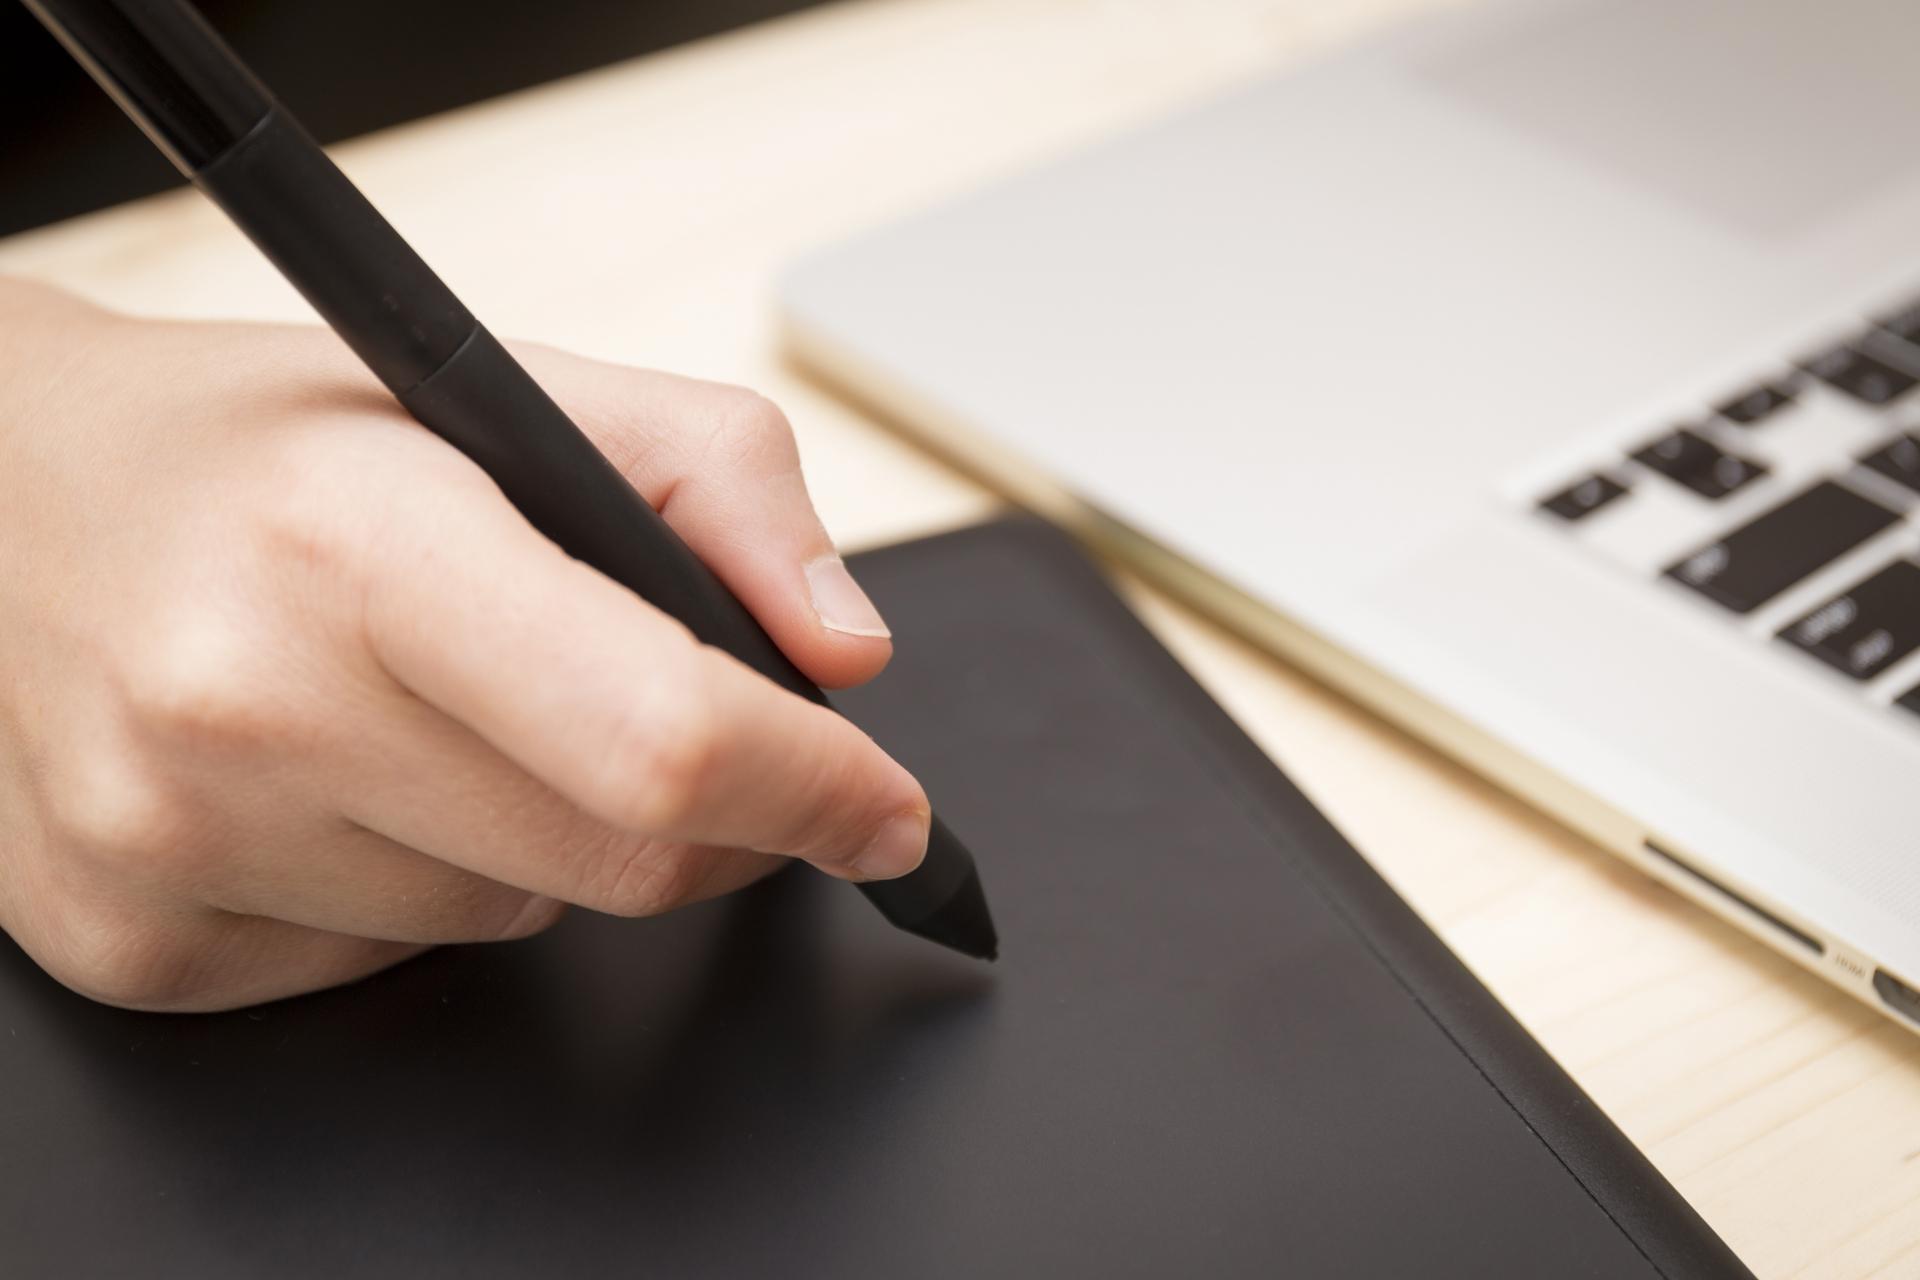 iPad対応スタイラスペン(タッチペン)のおすすめ8選【2020年版】